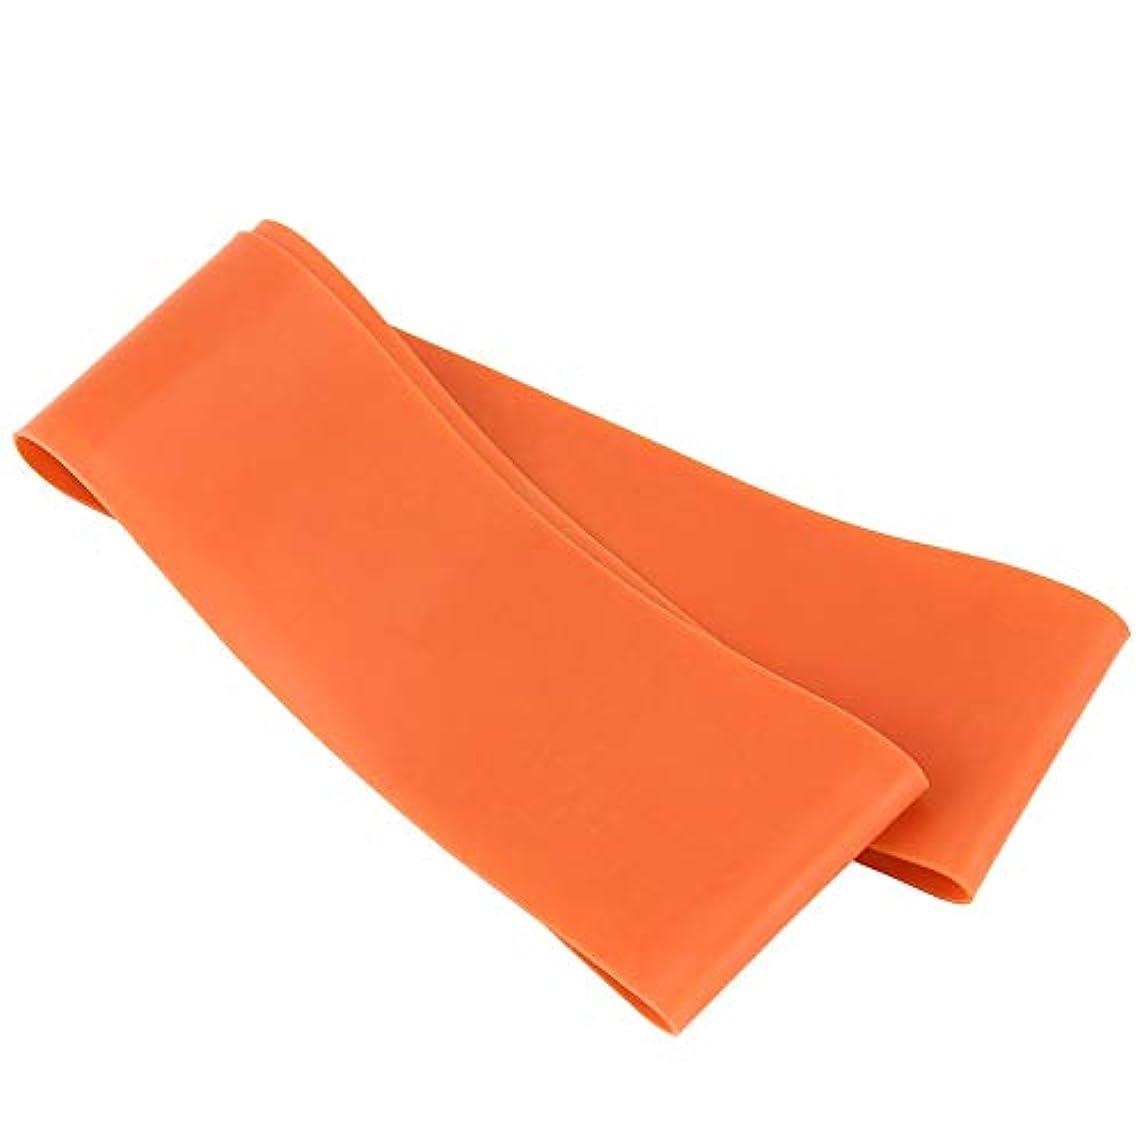 科学者液化するひどく滑り止めの伸縮性のあるゴム製伸縮性がある伸縮性があるヨガベルトバンド引きロープの張力抵抗バンドループ強度のためのフィットネスヨガツール - オレンジ